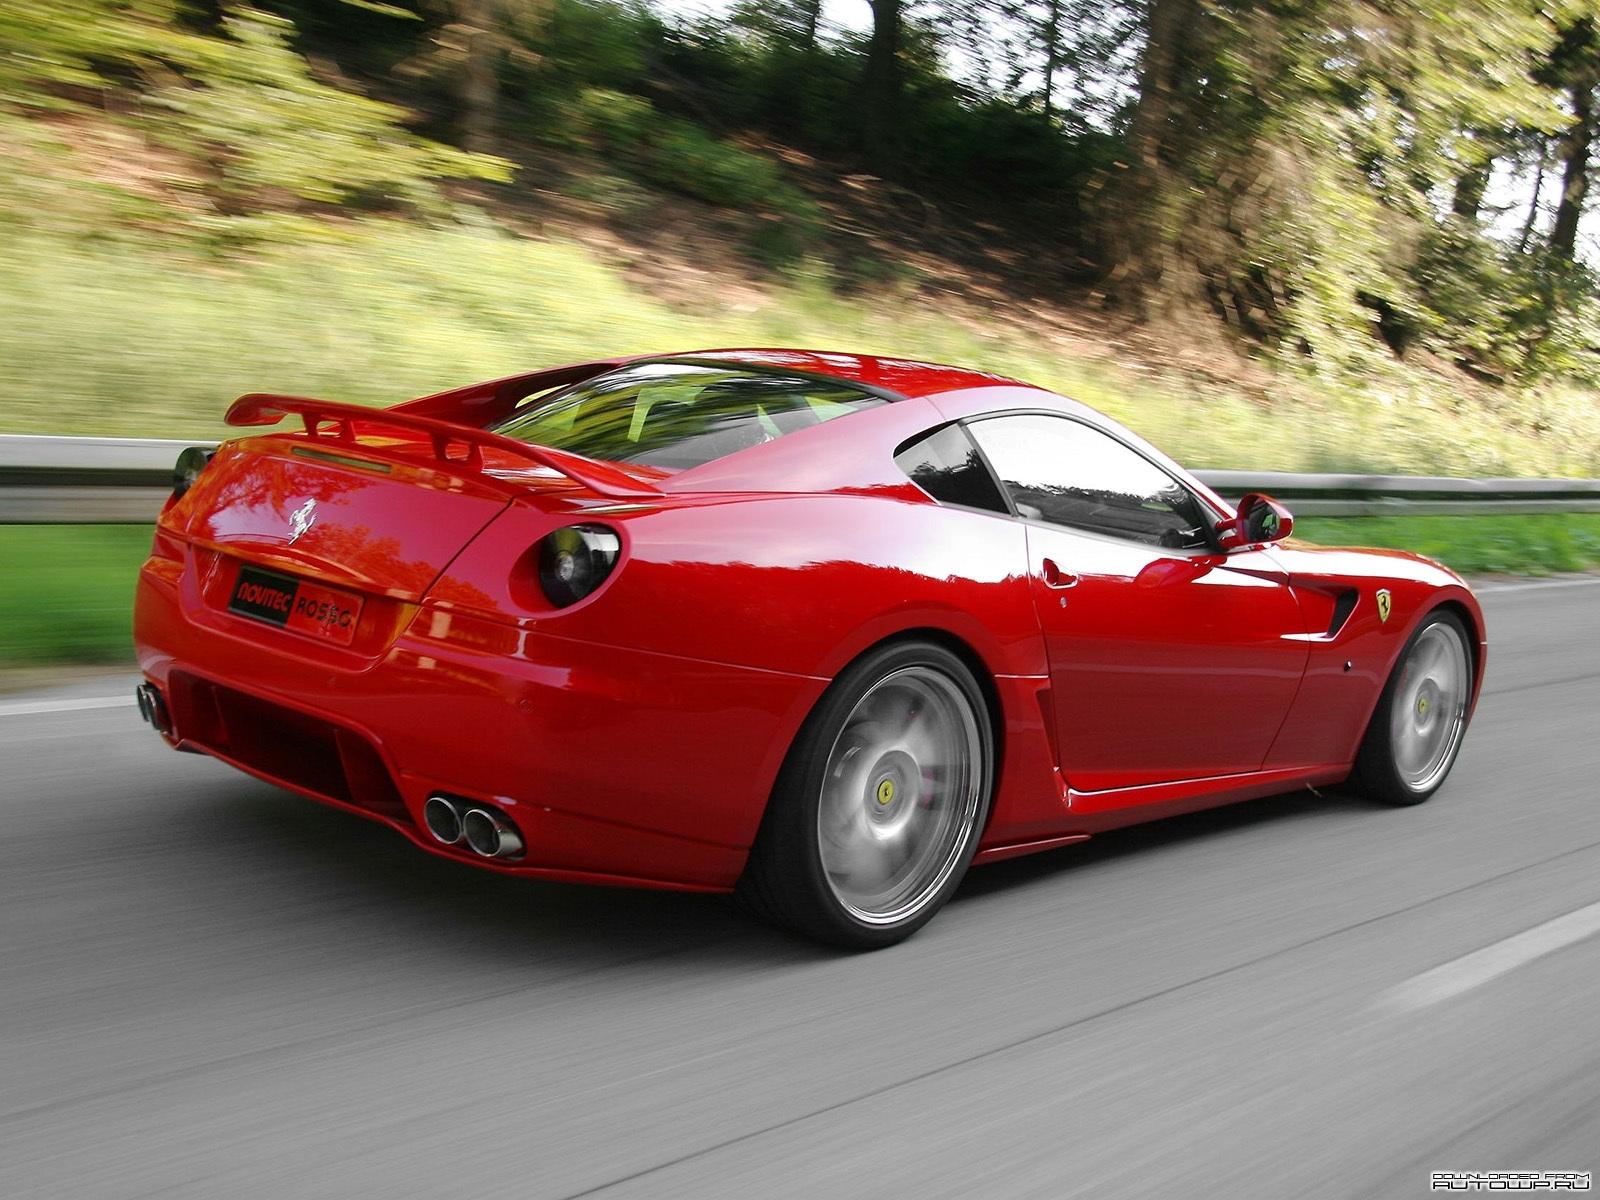 9936 скачать обои Транспорт, Машины, Феррари (Ferrari) - заставки и картинки бесплатно